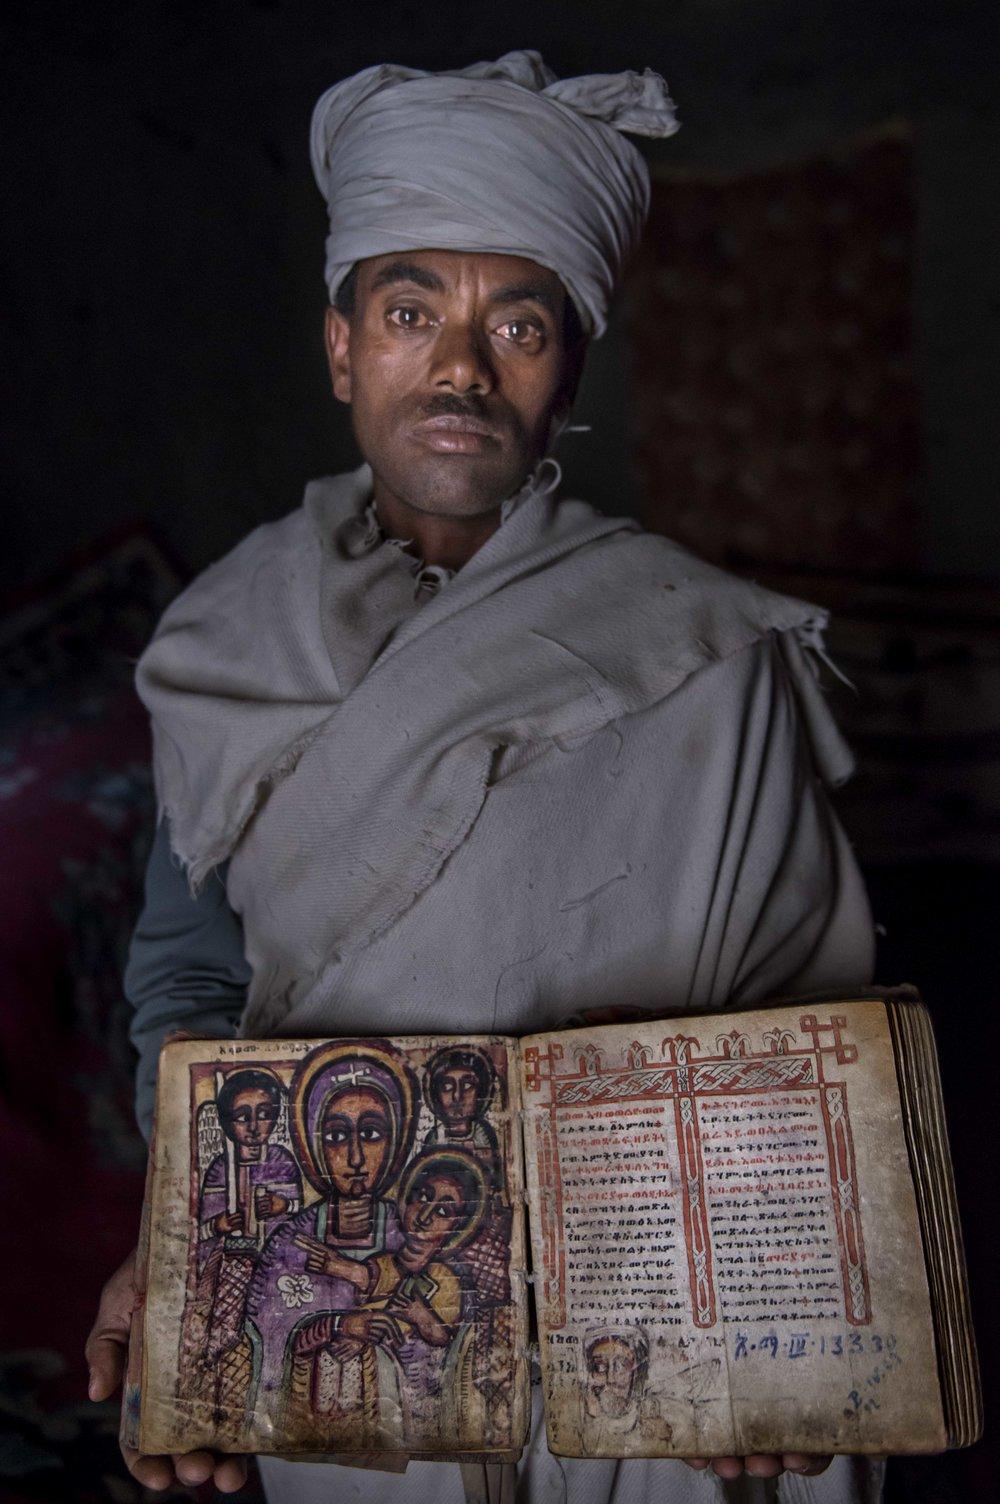 Francois pache_portrait ethiopien4-france-2015.jpg